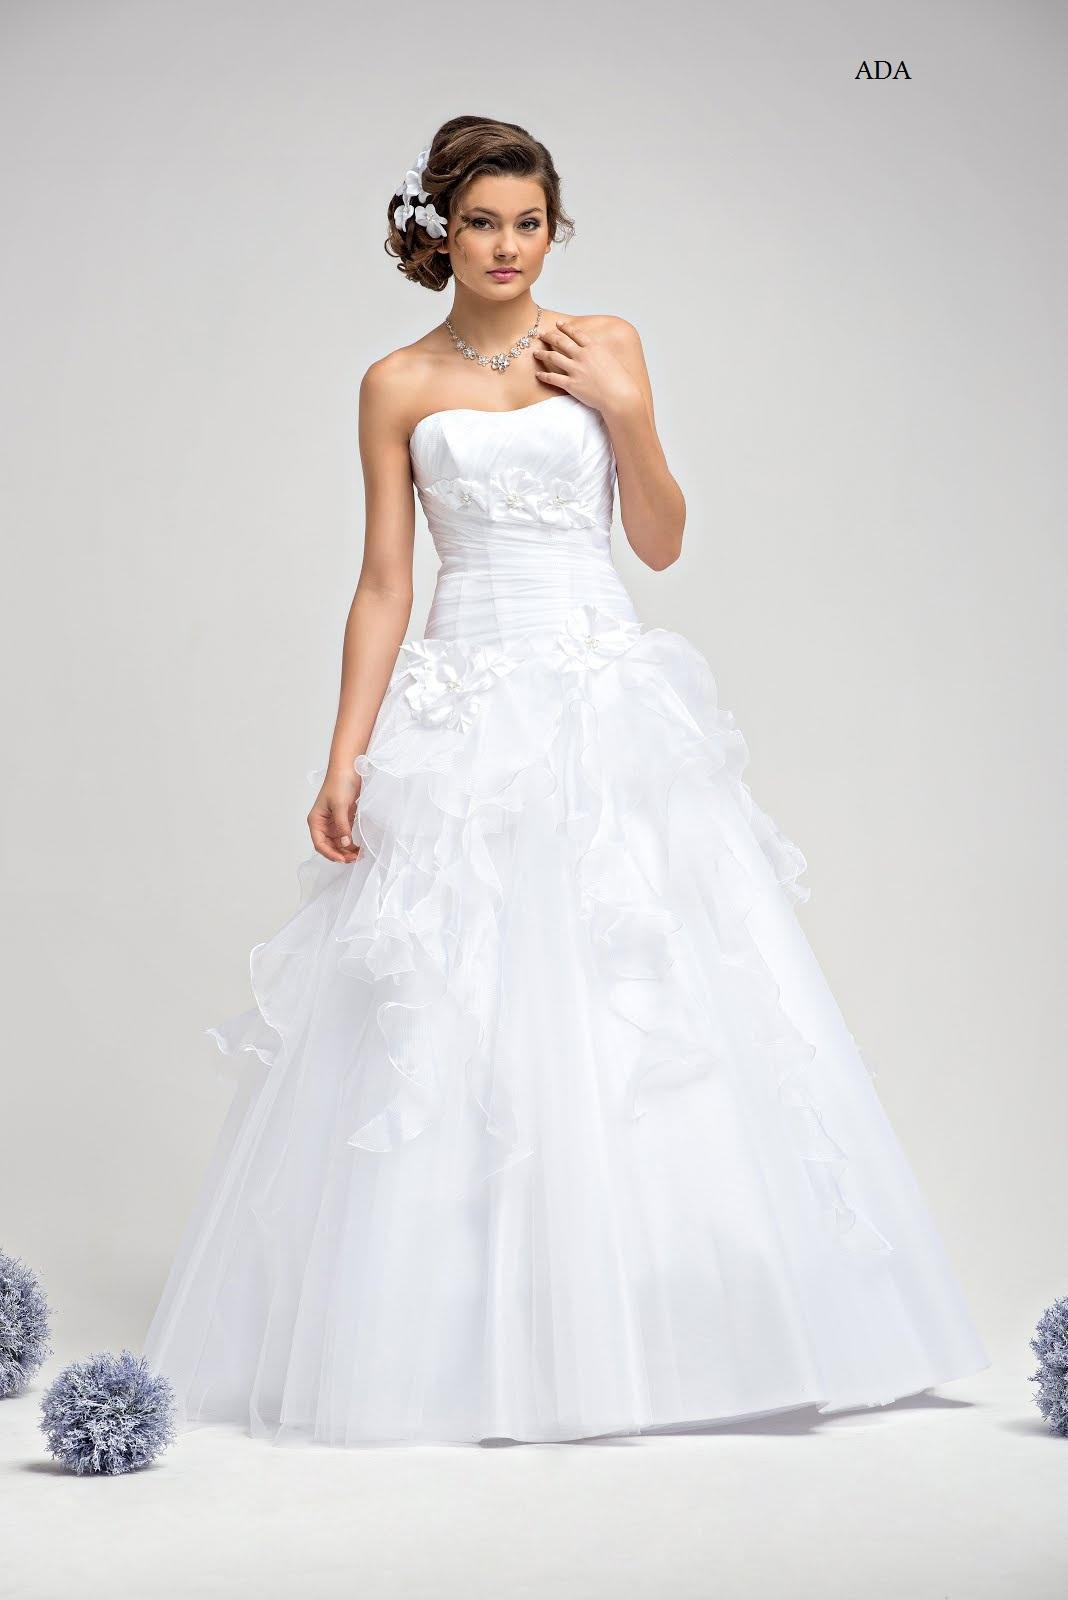 Zauberhaftes Brautkleid Hochzeitskleid Ada Brautkleider Günstig